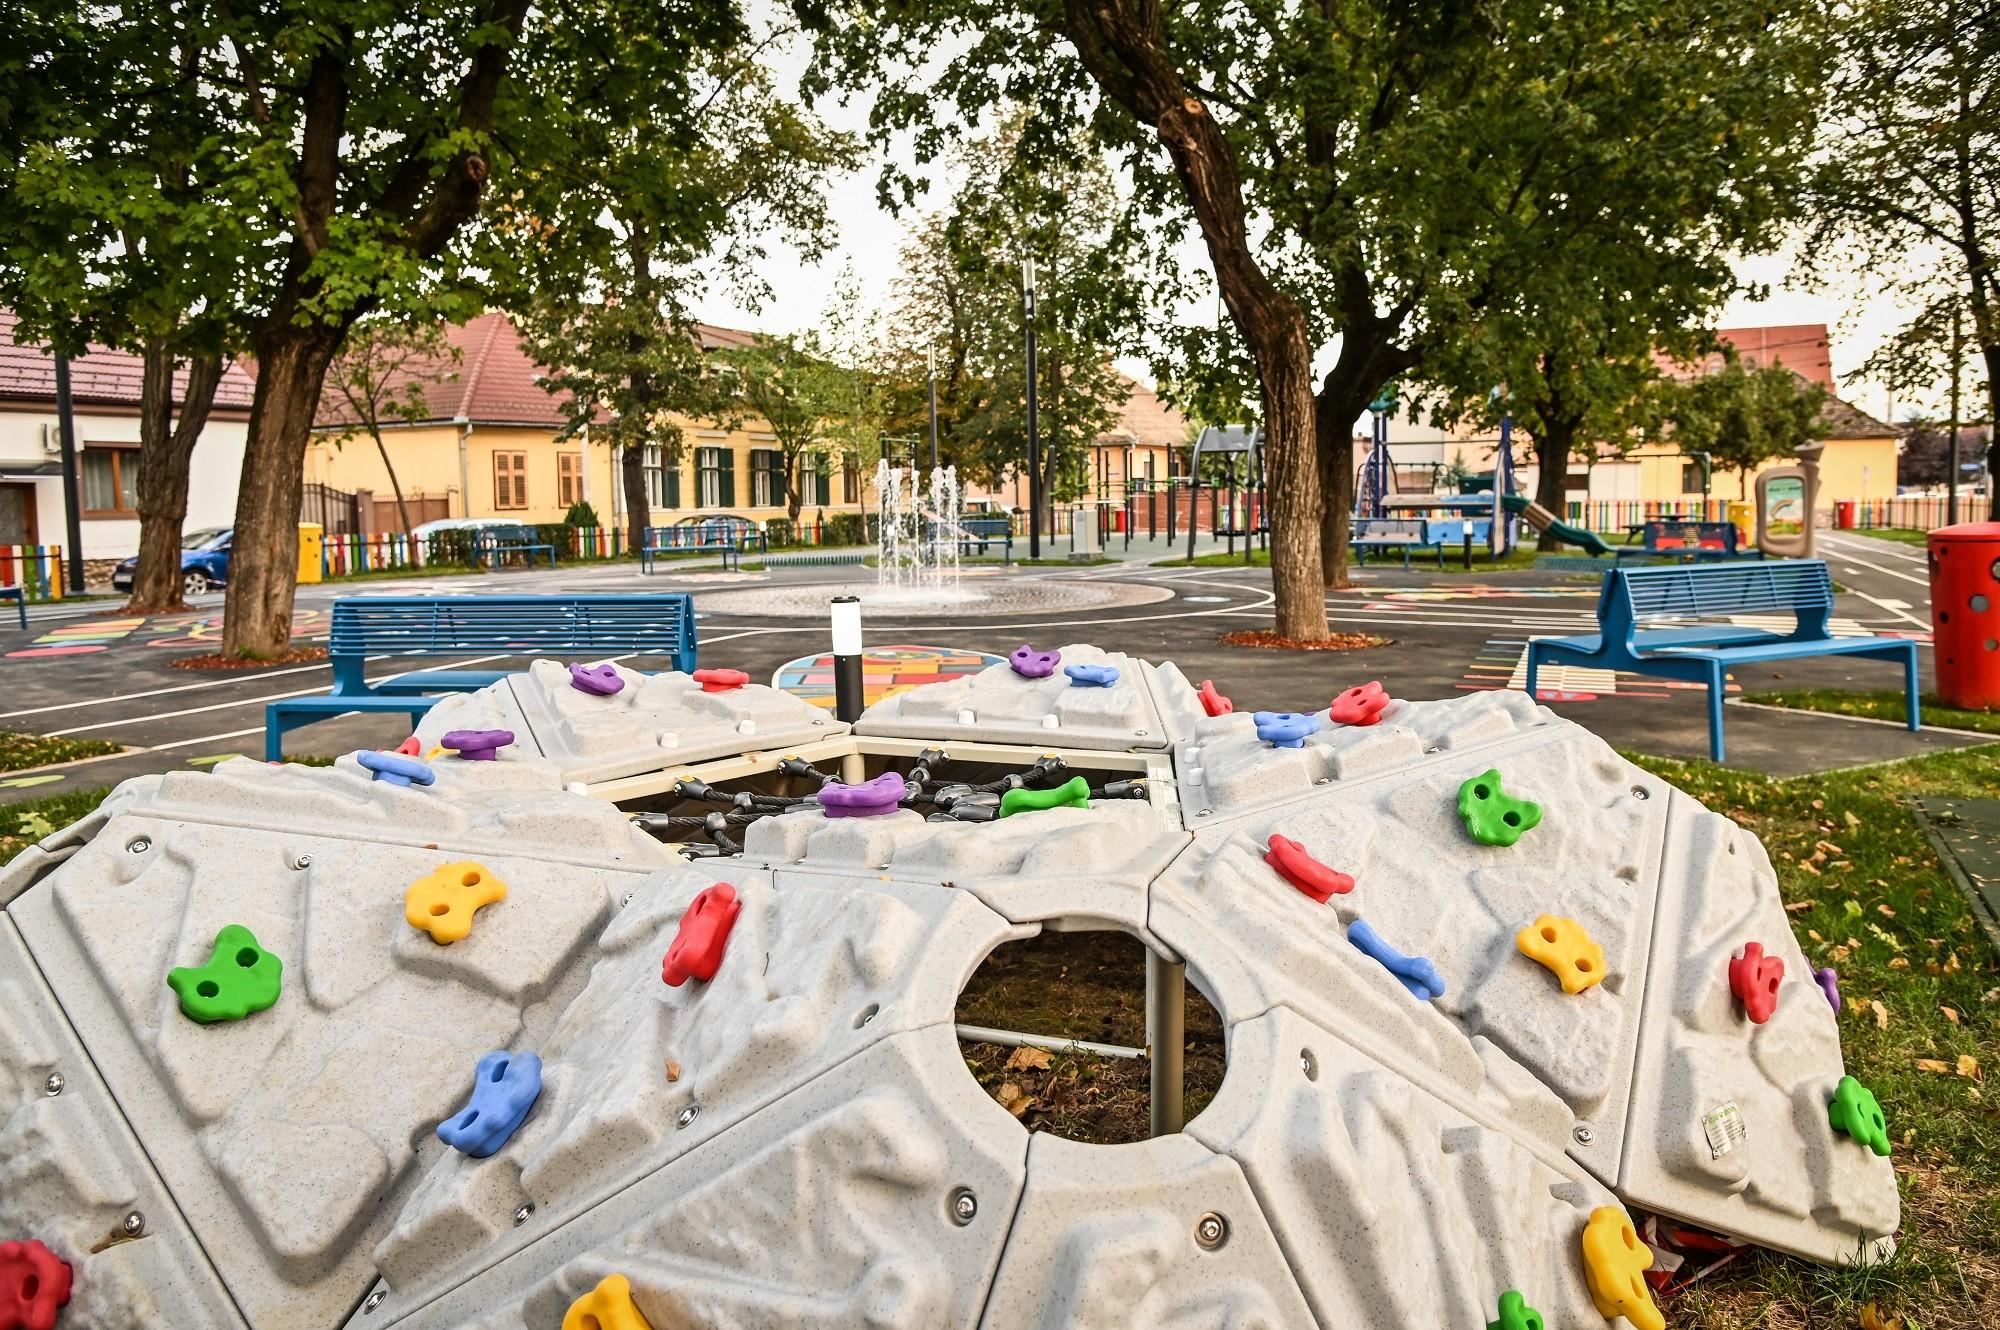 FOTO- Parcul din Piața Cluj, transformat într-un spațiu public funcțional și plăcut